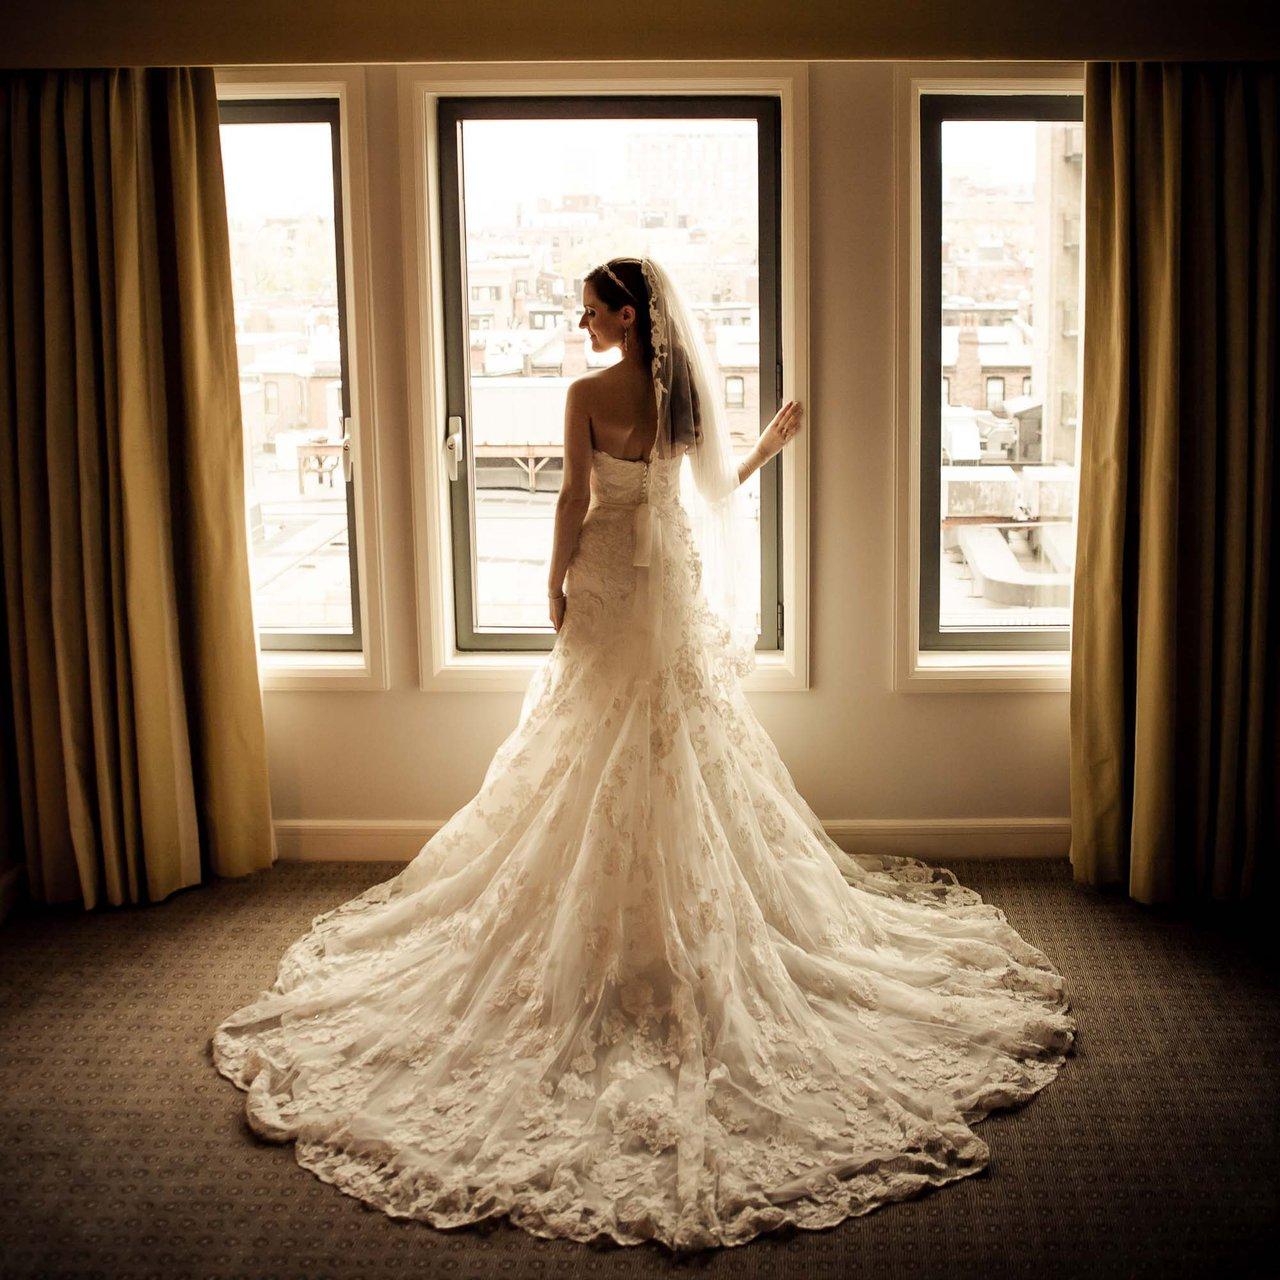 Weddings photo optimized-vail-fucci-0112EricaZachWedding7821.jpg